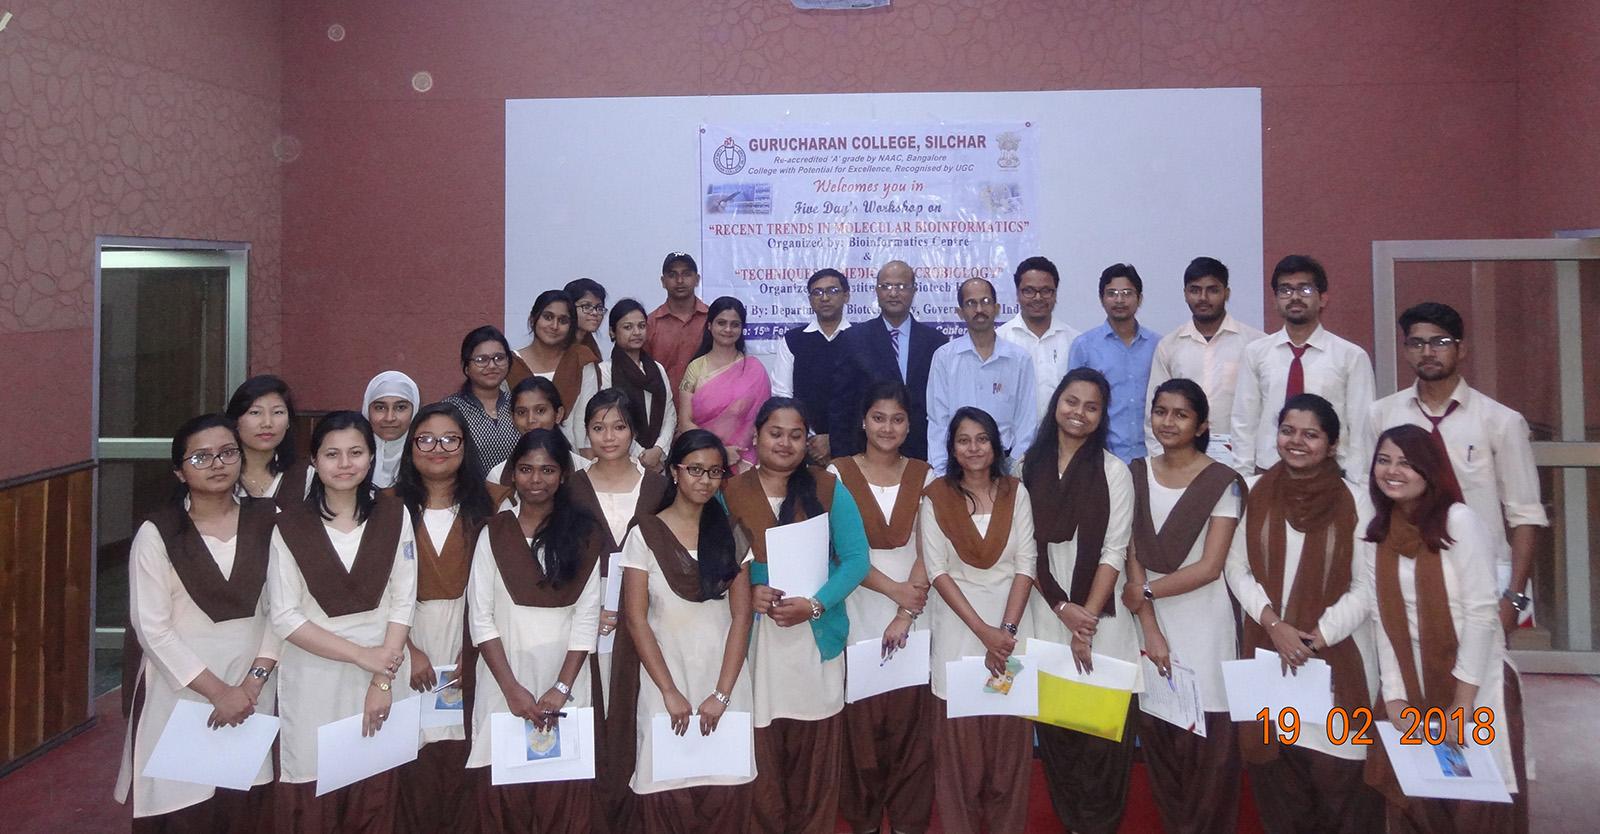 Bioinformatics Centre, Gurucharan College, Silchar